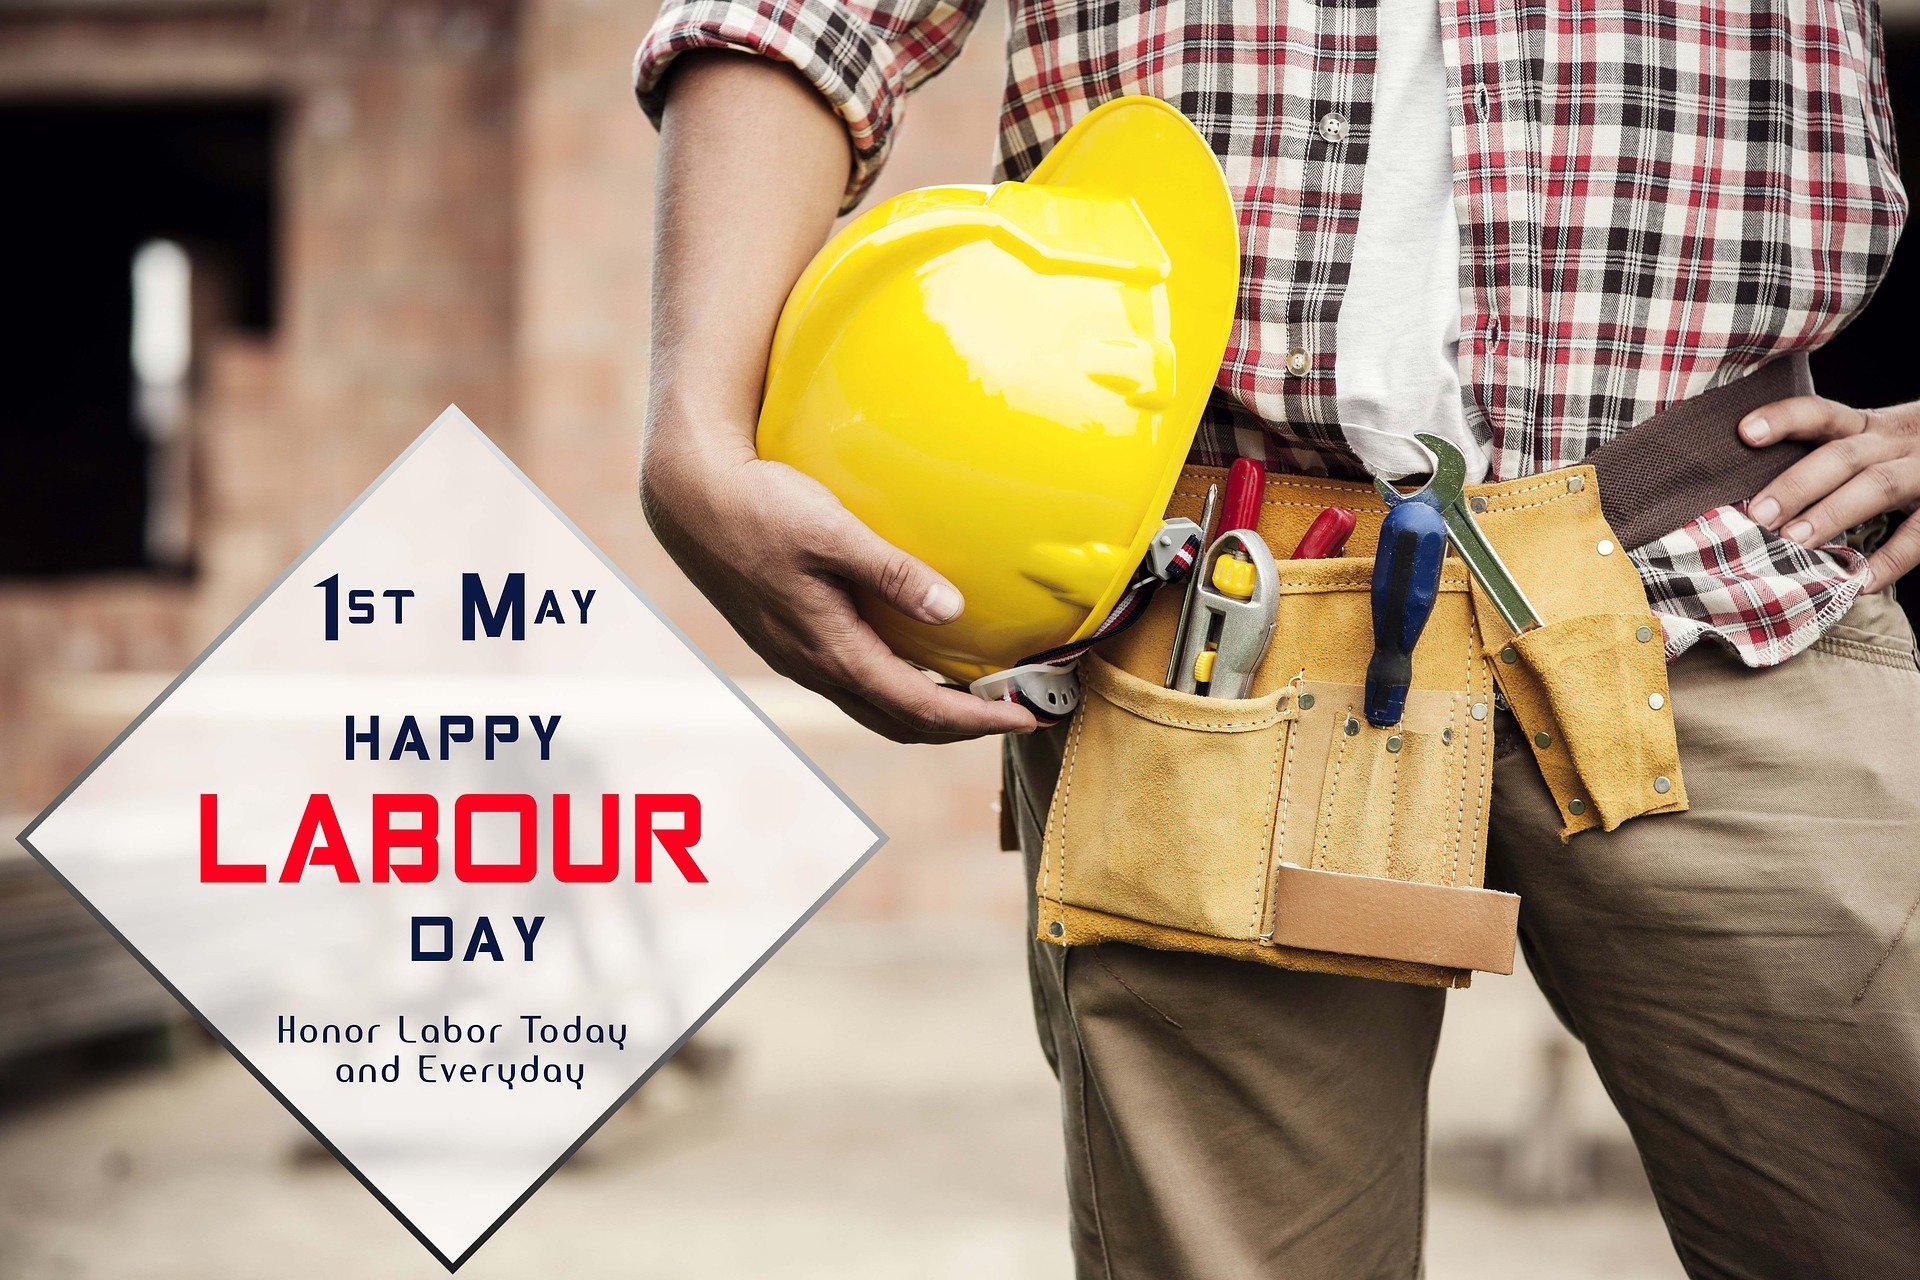 عيد العمال العالمي يوم من أهمّ أيام السنة و عيد من أهمّ الأعياد التي يحتفل بها العالم